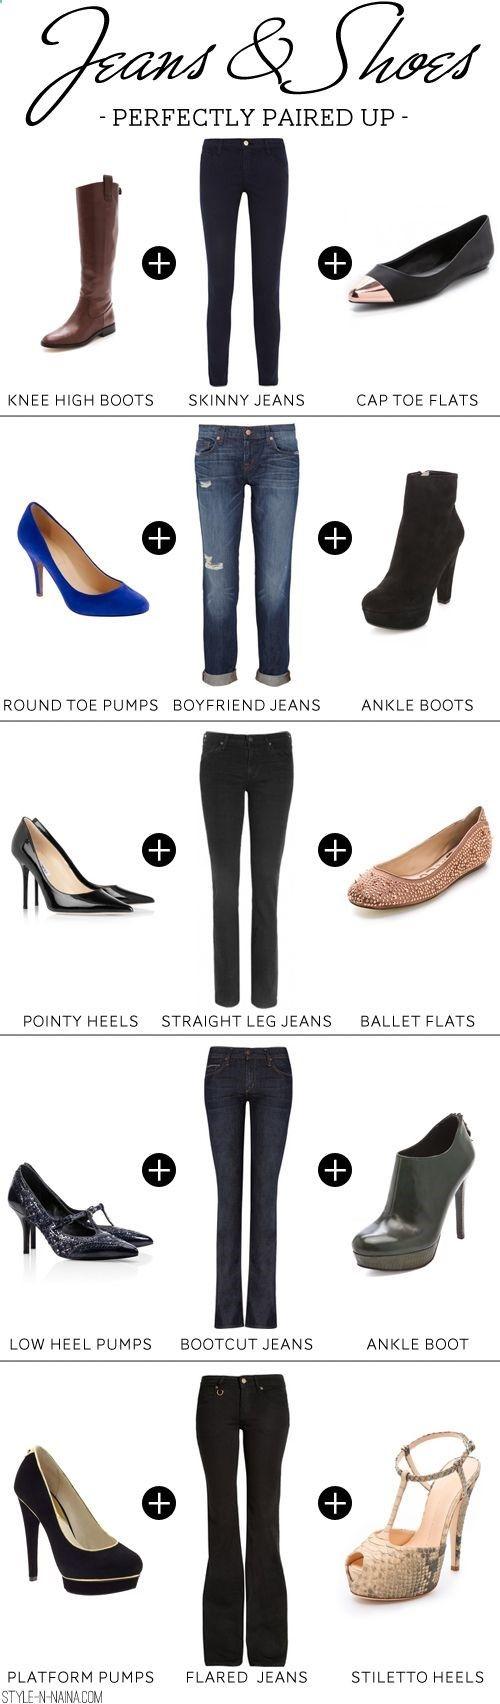 Noi di Milena Andrade abbiamo tutti i modelli e... sono anche anticellulite! Jeans Shoes Guide - Perfectly Paired Up good to know